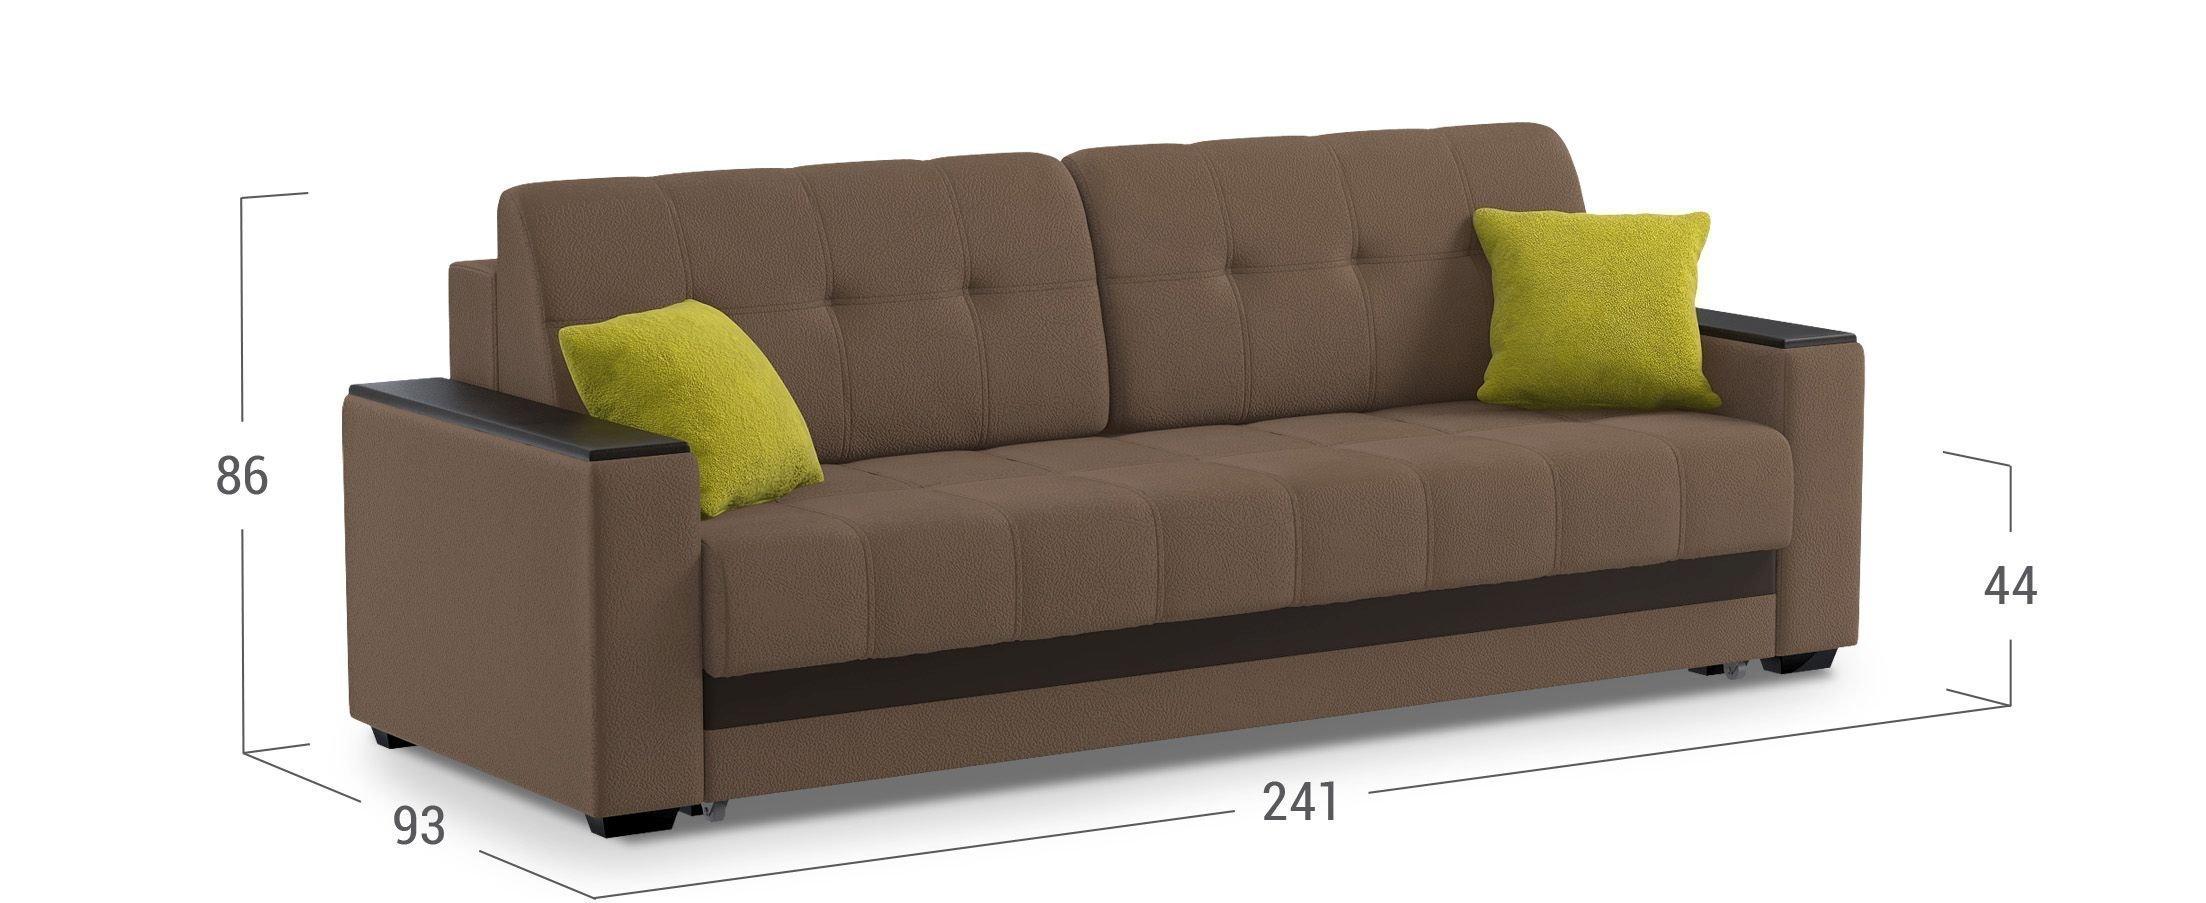 диван прямой еврокнижка атланта коричневый купить в москве в